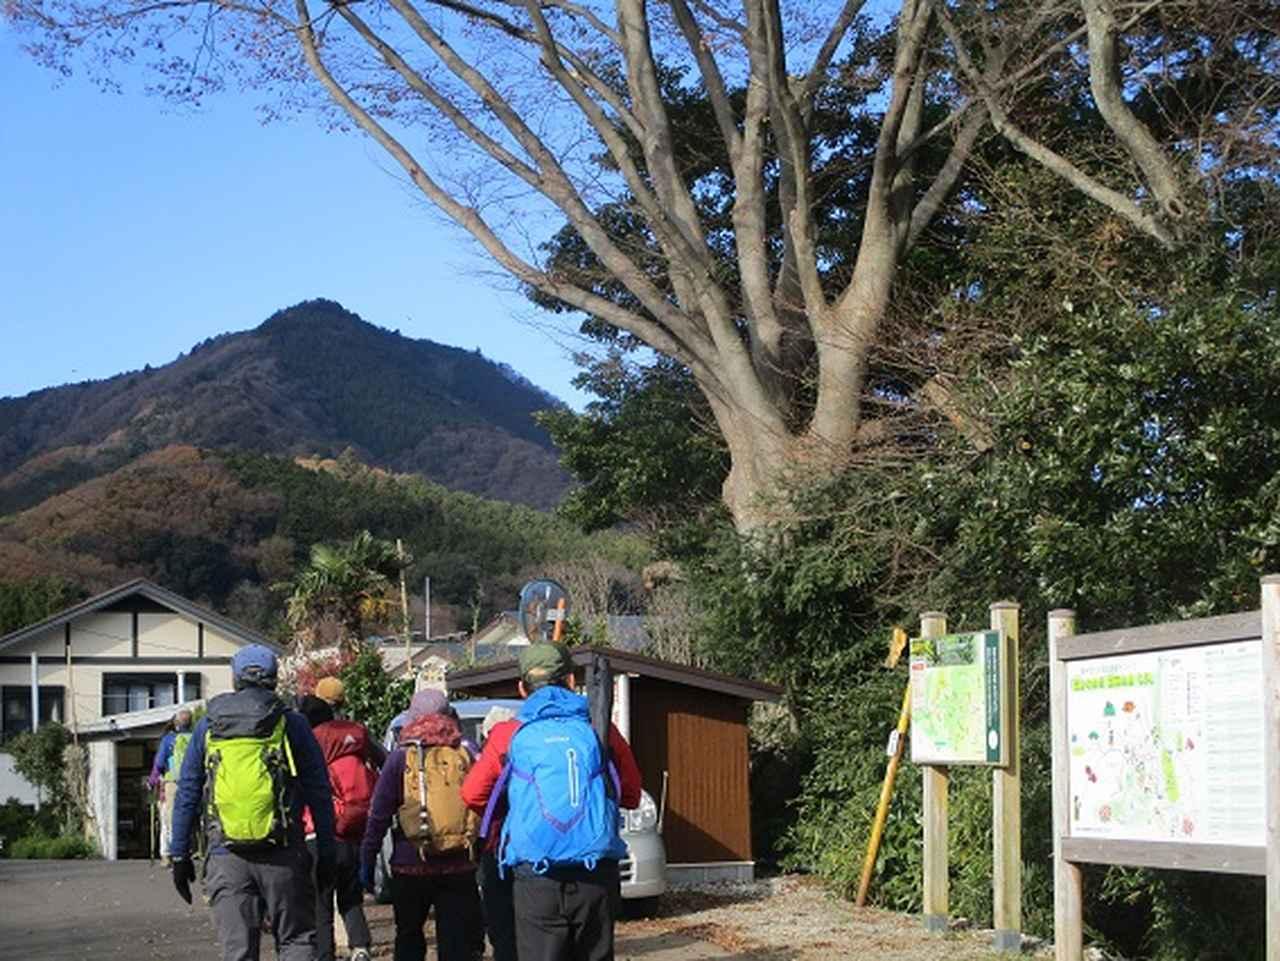 画像1: 添乗員からの便り・鐘ヶ岳ツアーにいってまいりました!